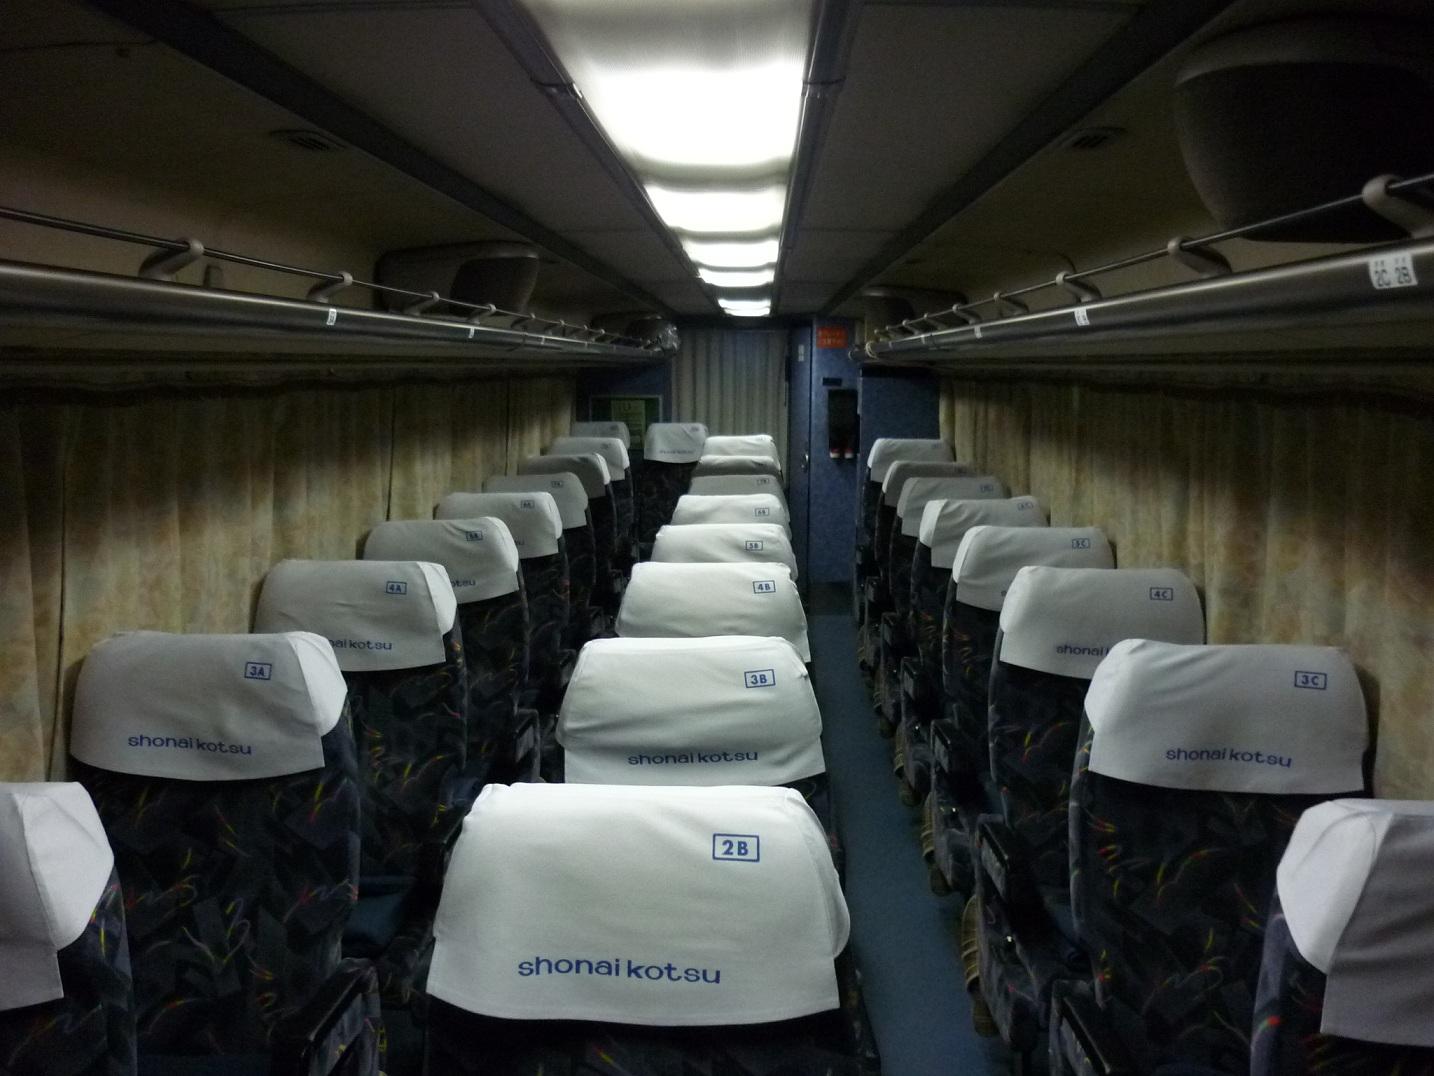 夕陽号 - バス乗車記 バス乗車記 高速バス・夜行バス・長距離バスの乗車レビューです トップペー